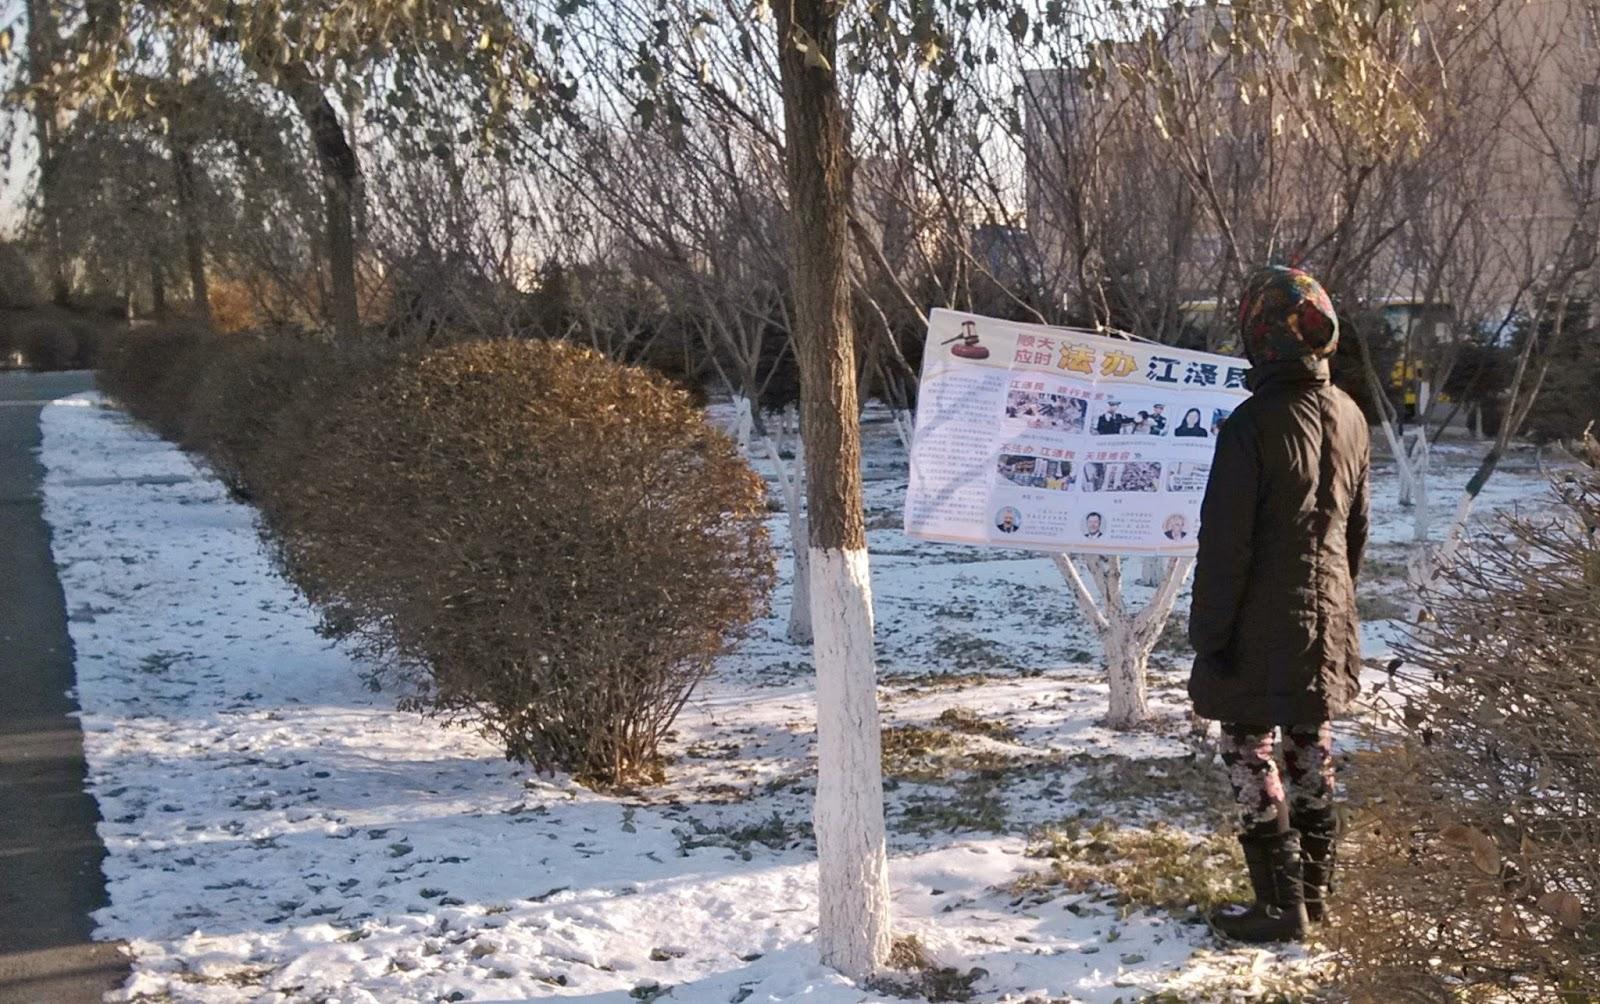 2015-11-28-minghui-changchun-sujiang-posters-22.jpg